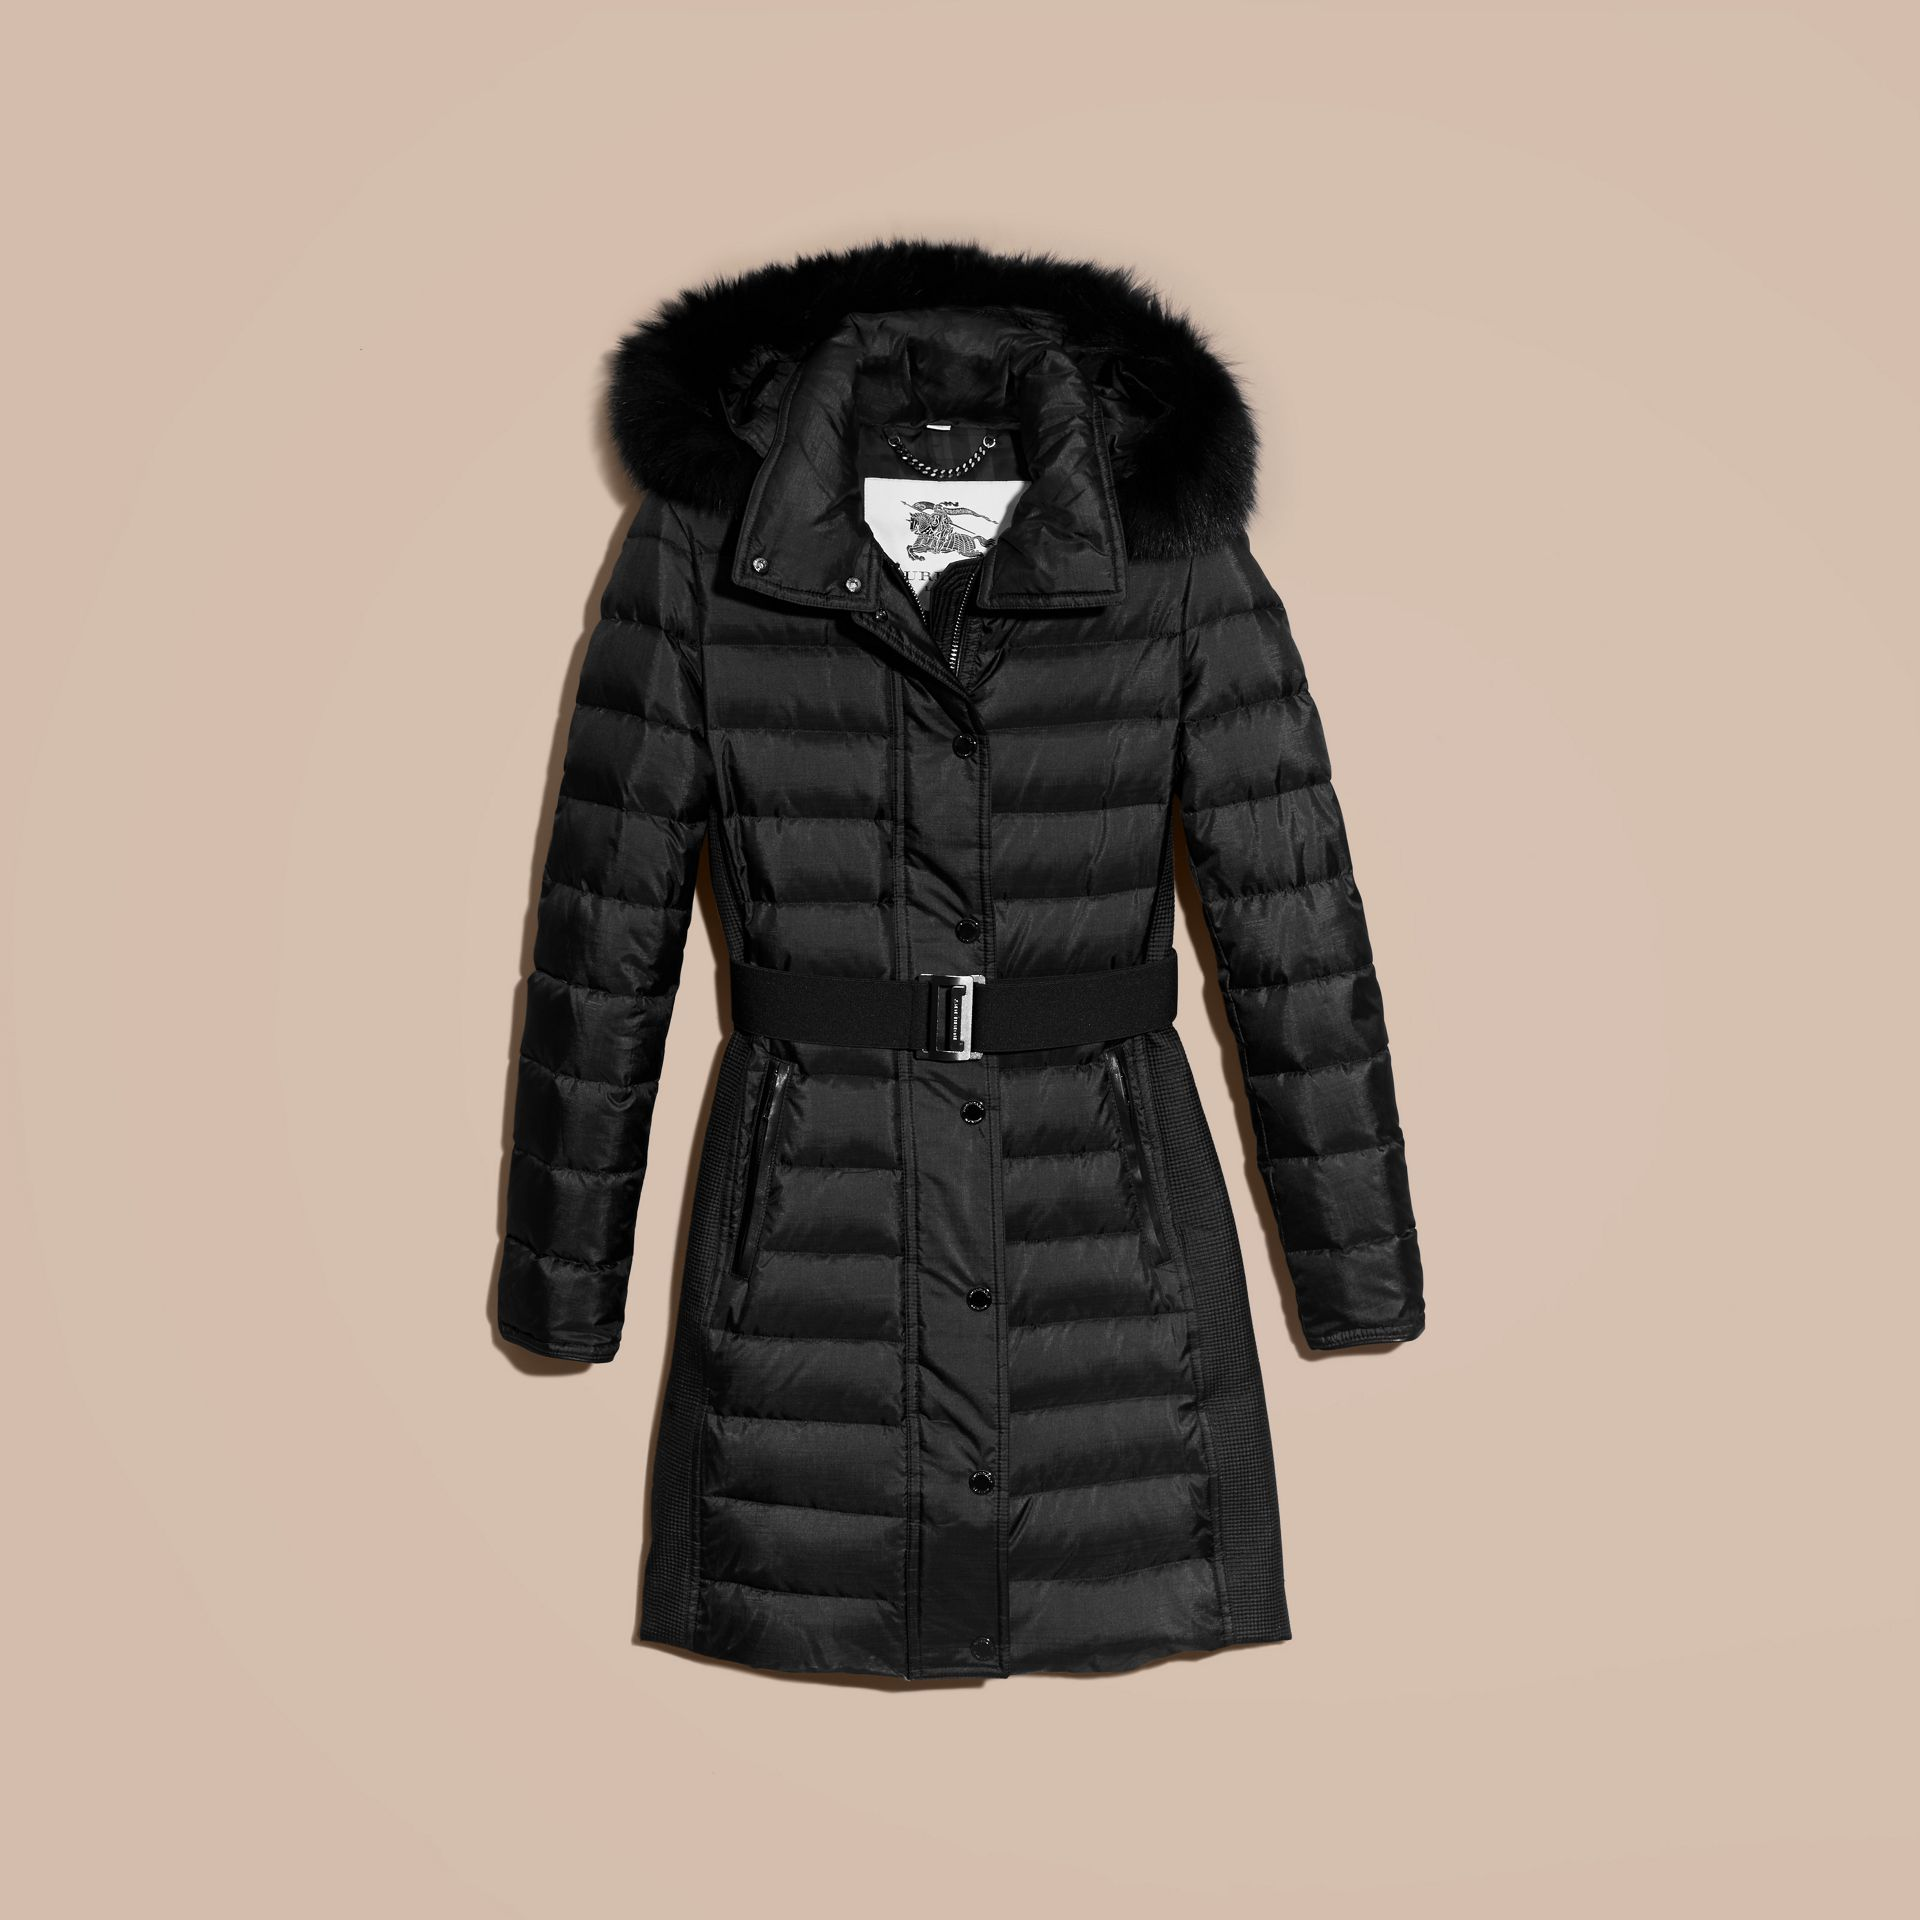 Черный Пуховое пальто с меховой опушкой Черный - изображение 4